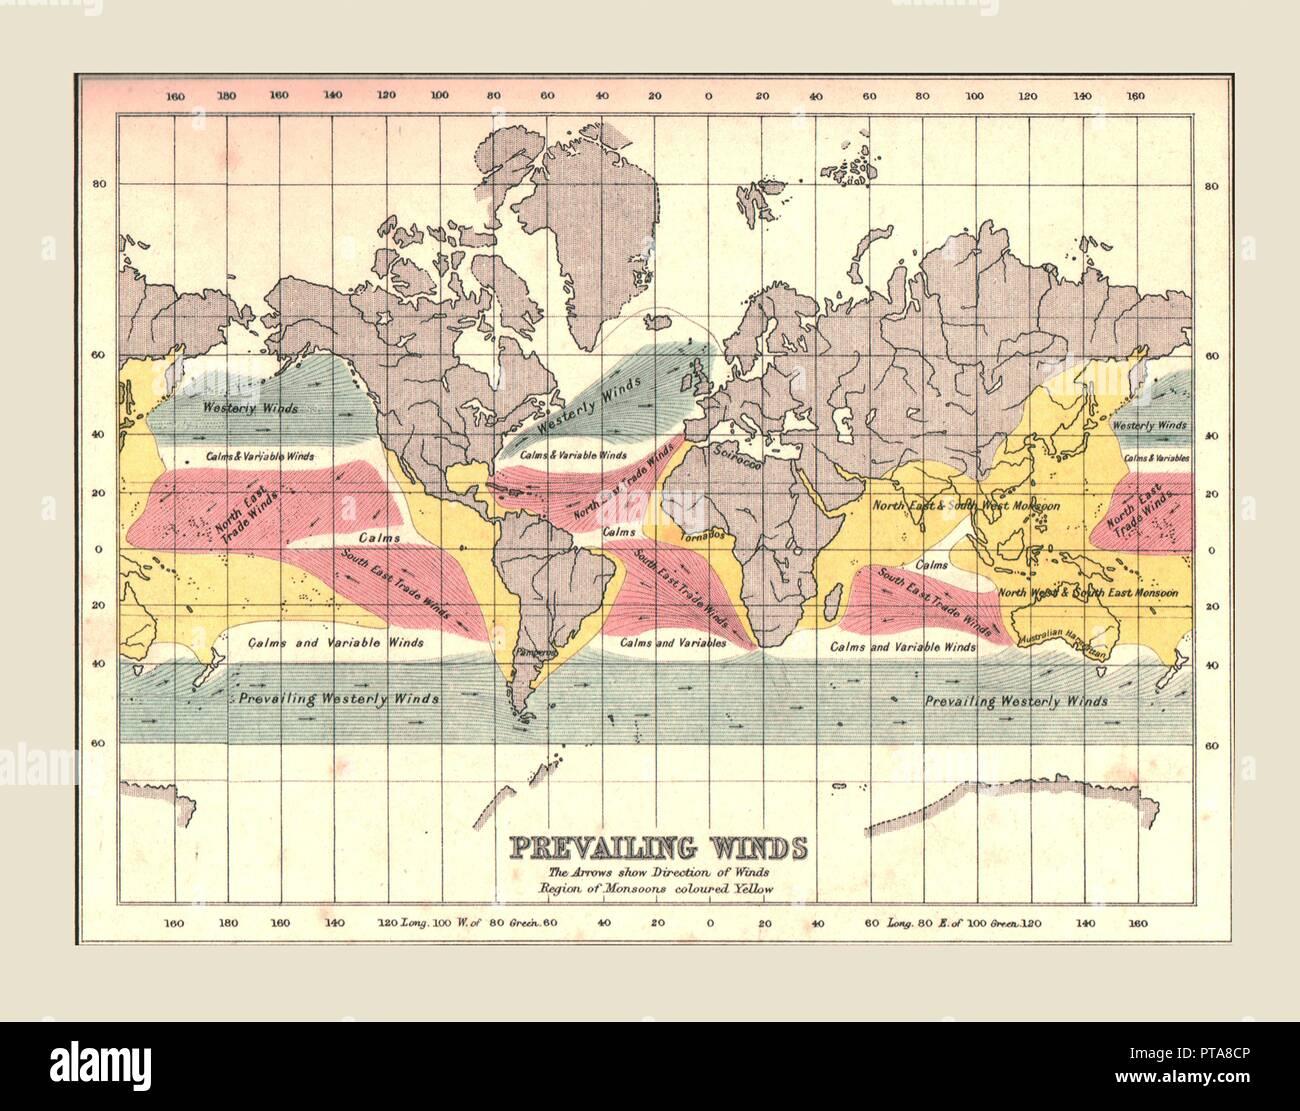 Mappa del mondo che mostra venti prevalenti, 1902. Le frecce che mostrano la direzione, con regioni di monsone colorata in giallo. A partire dal secolo Atlante del mondo. [John Walker & Co Ltd, Londra, 1902] Immagini Stock